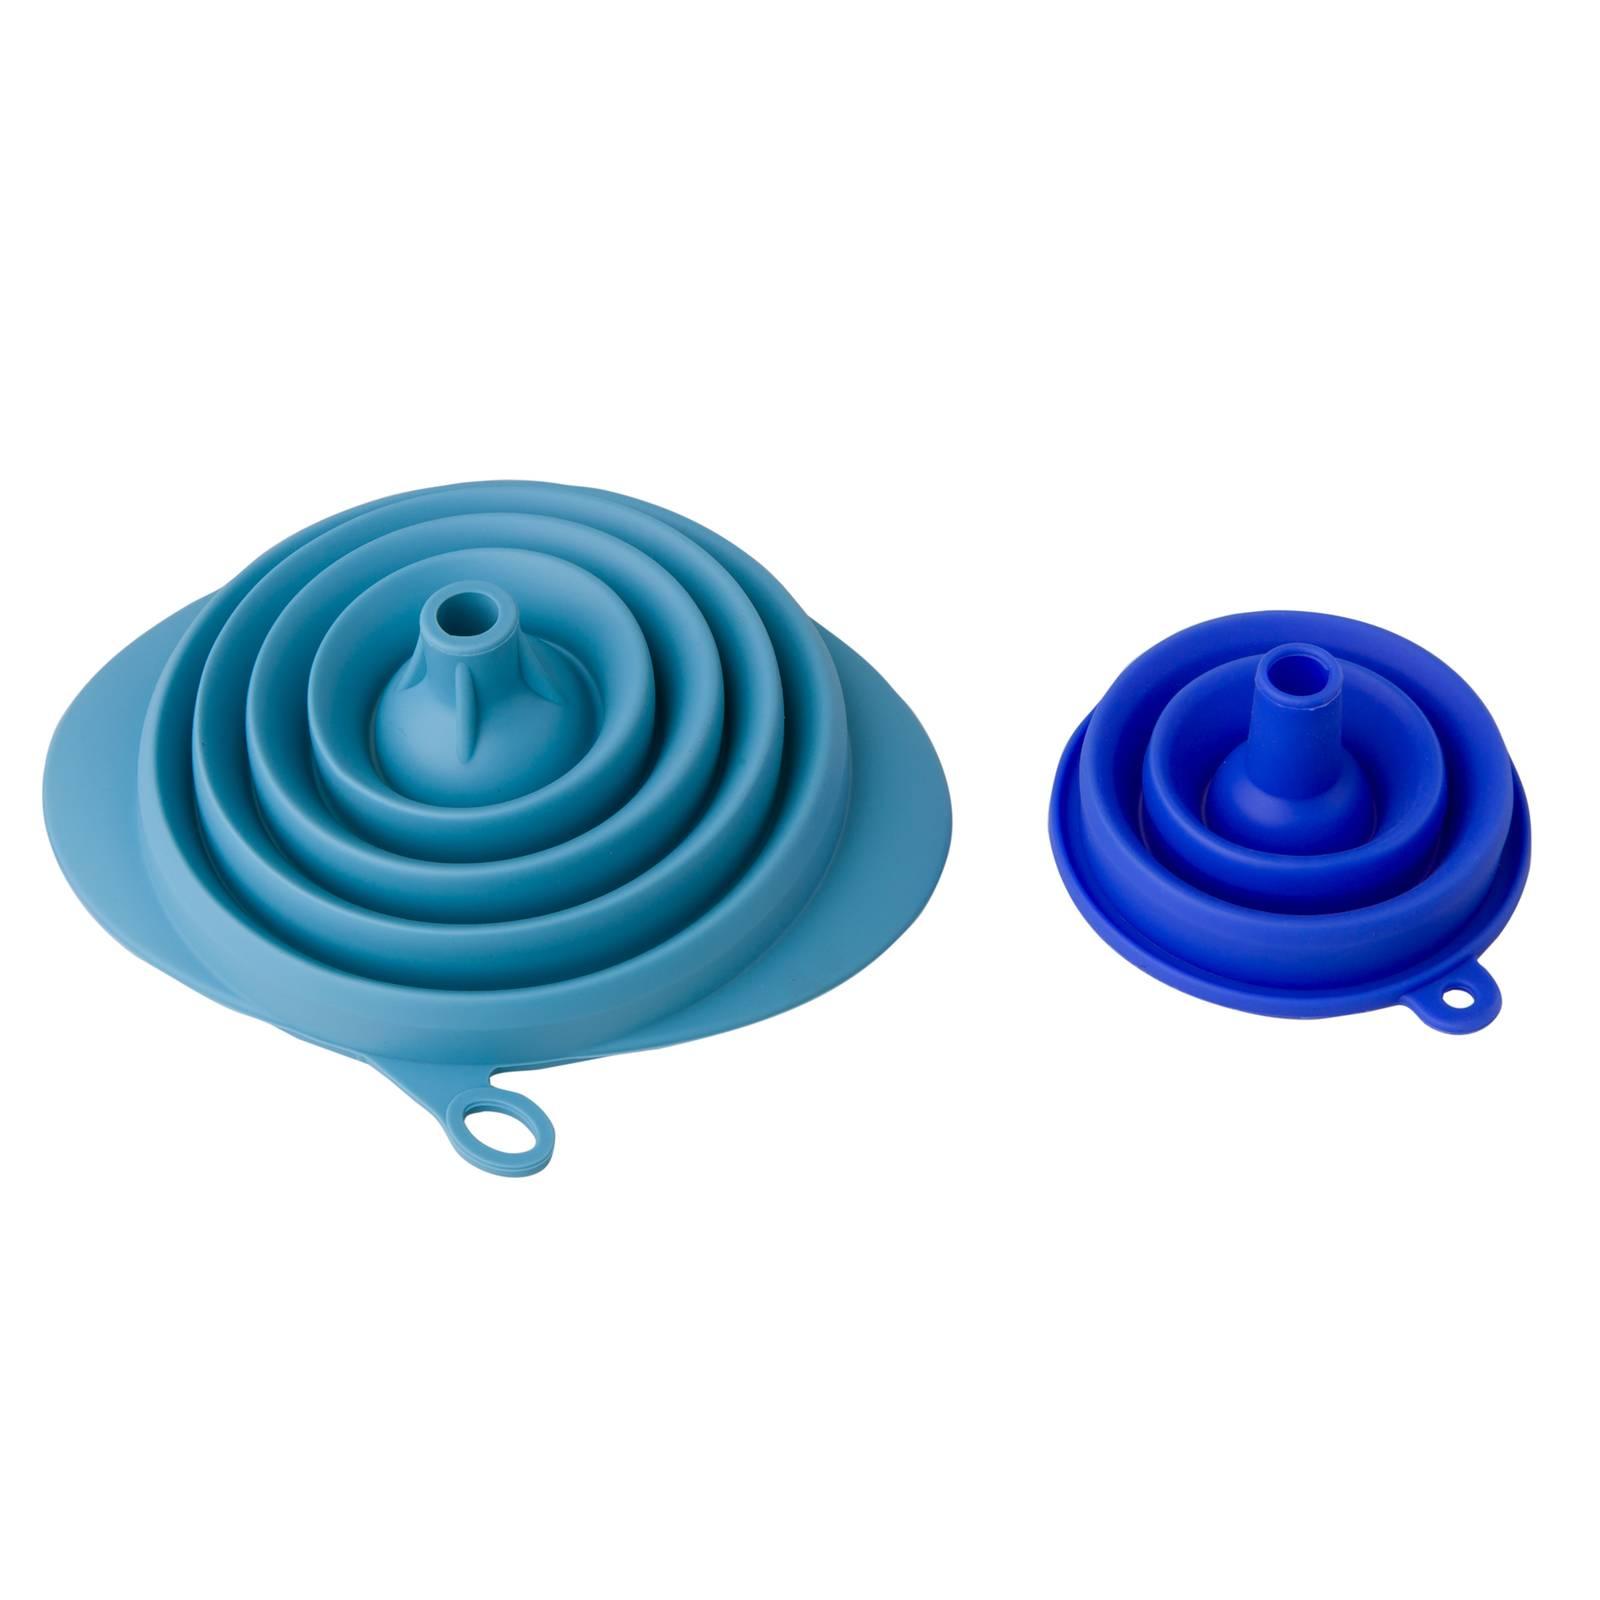 Sada 2 skladacích silikónových lievikov Blue / Violet